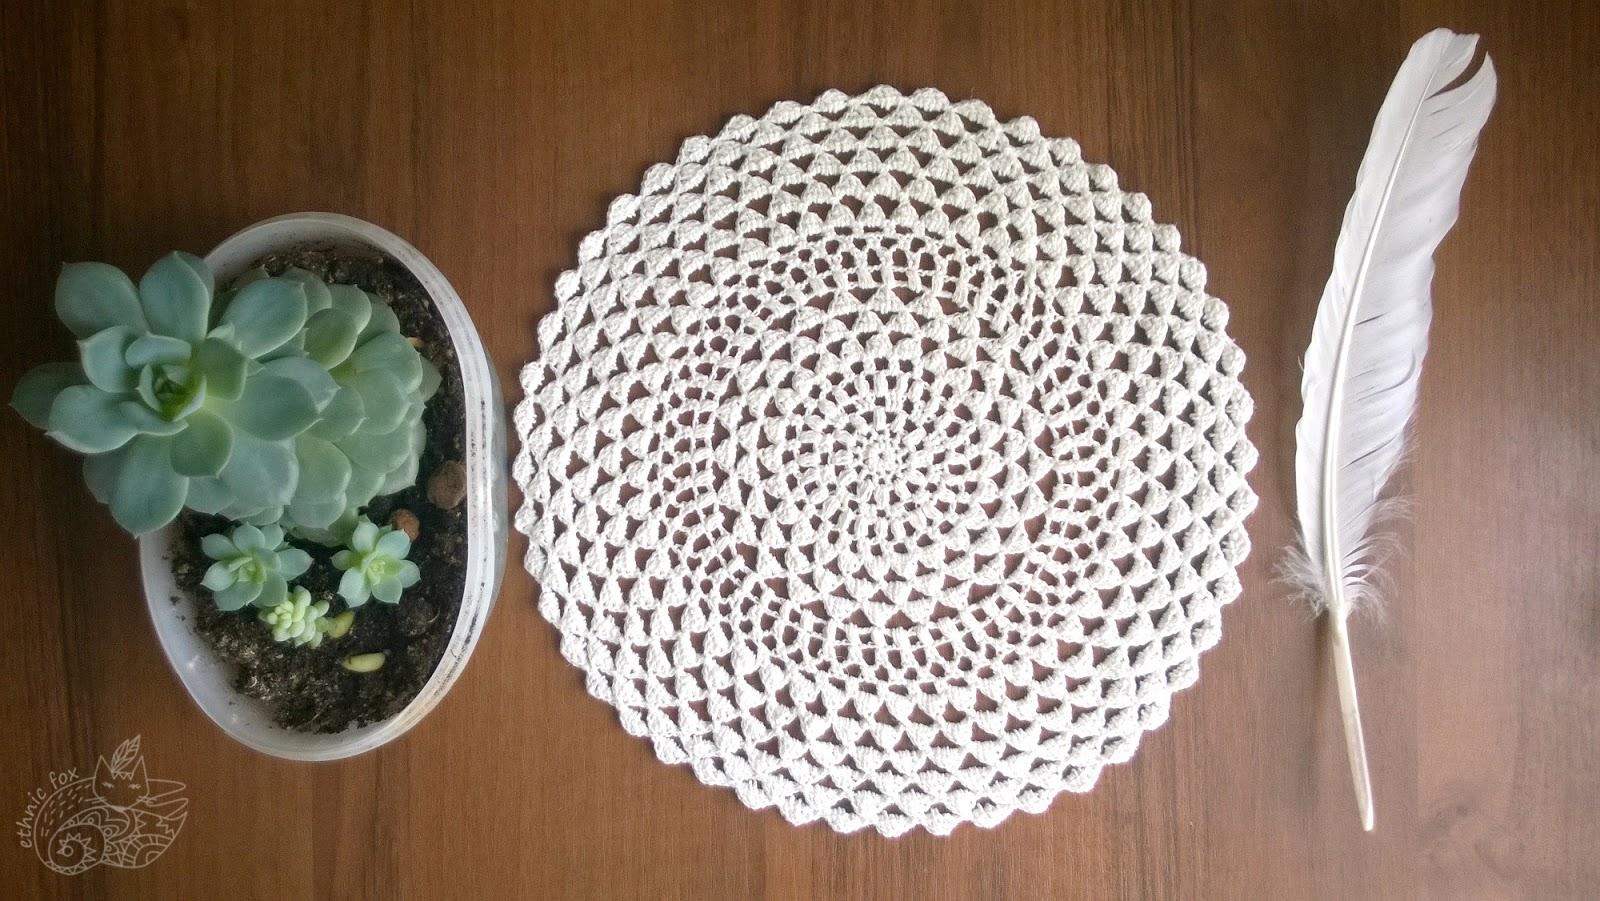 crochet doily easy pattern